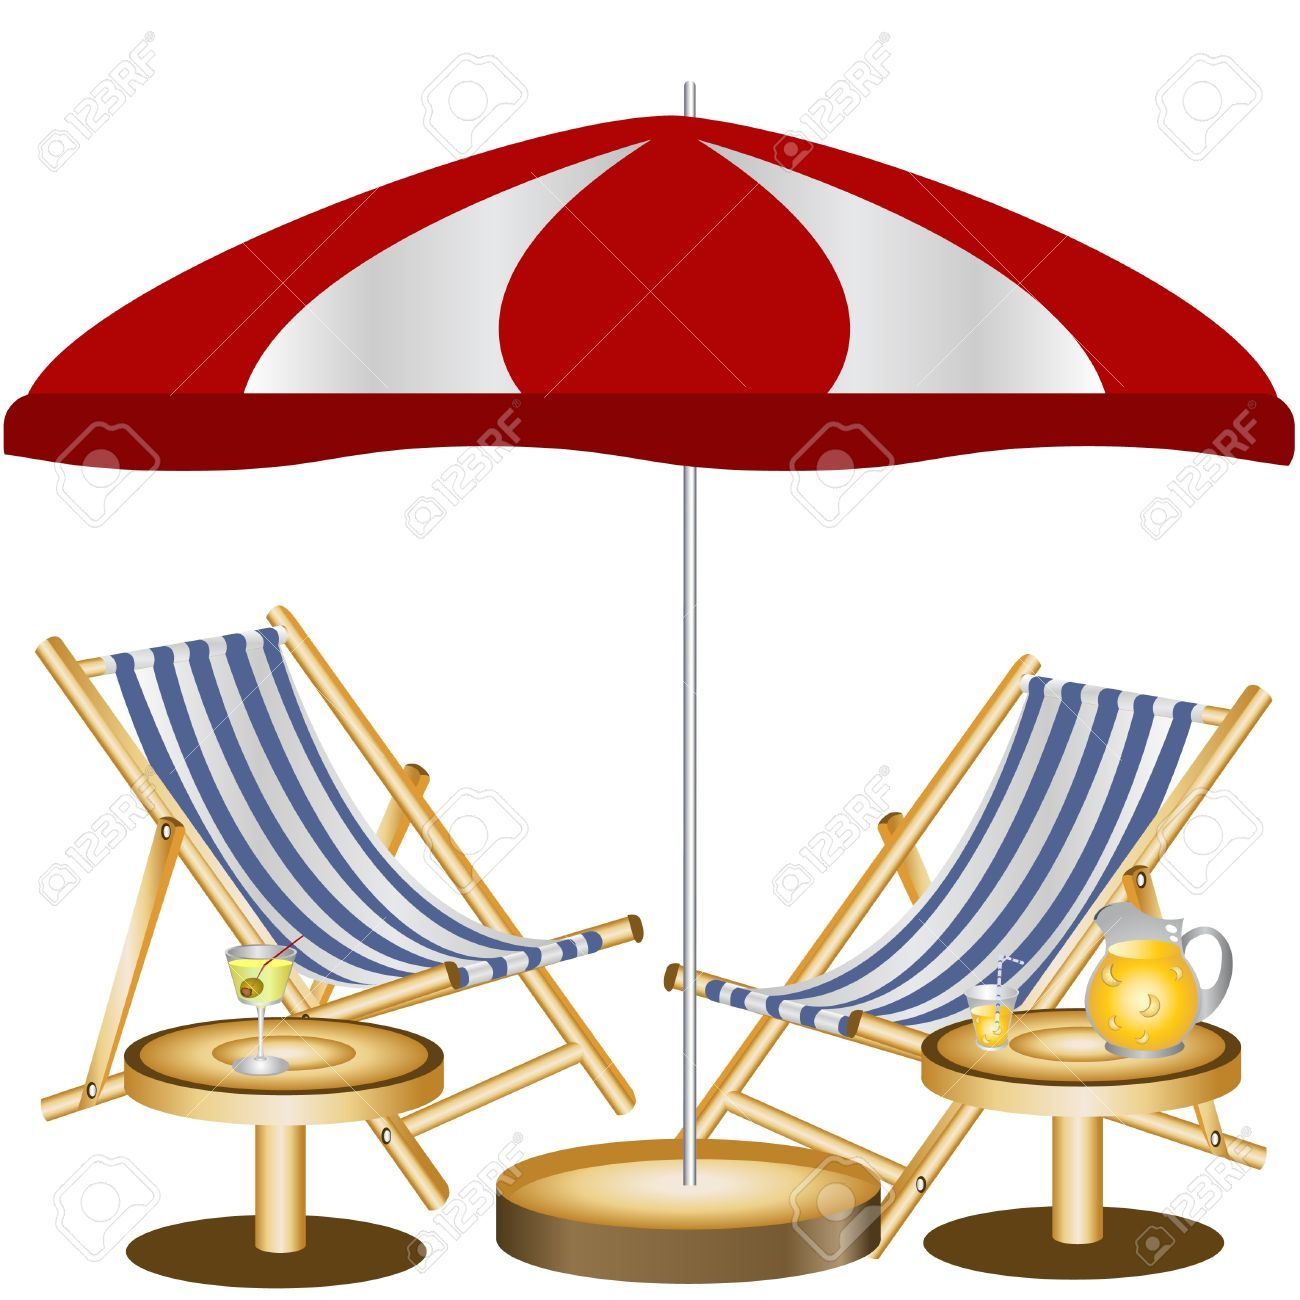 Beach chair clip art, beach umbrella graphic.